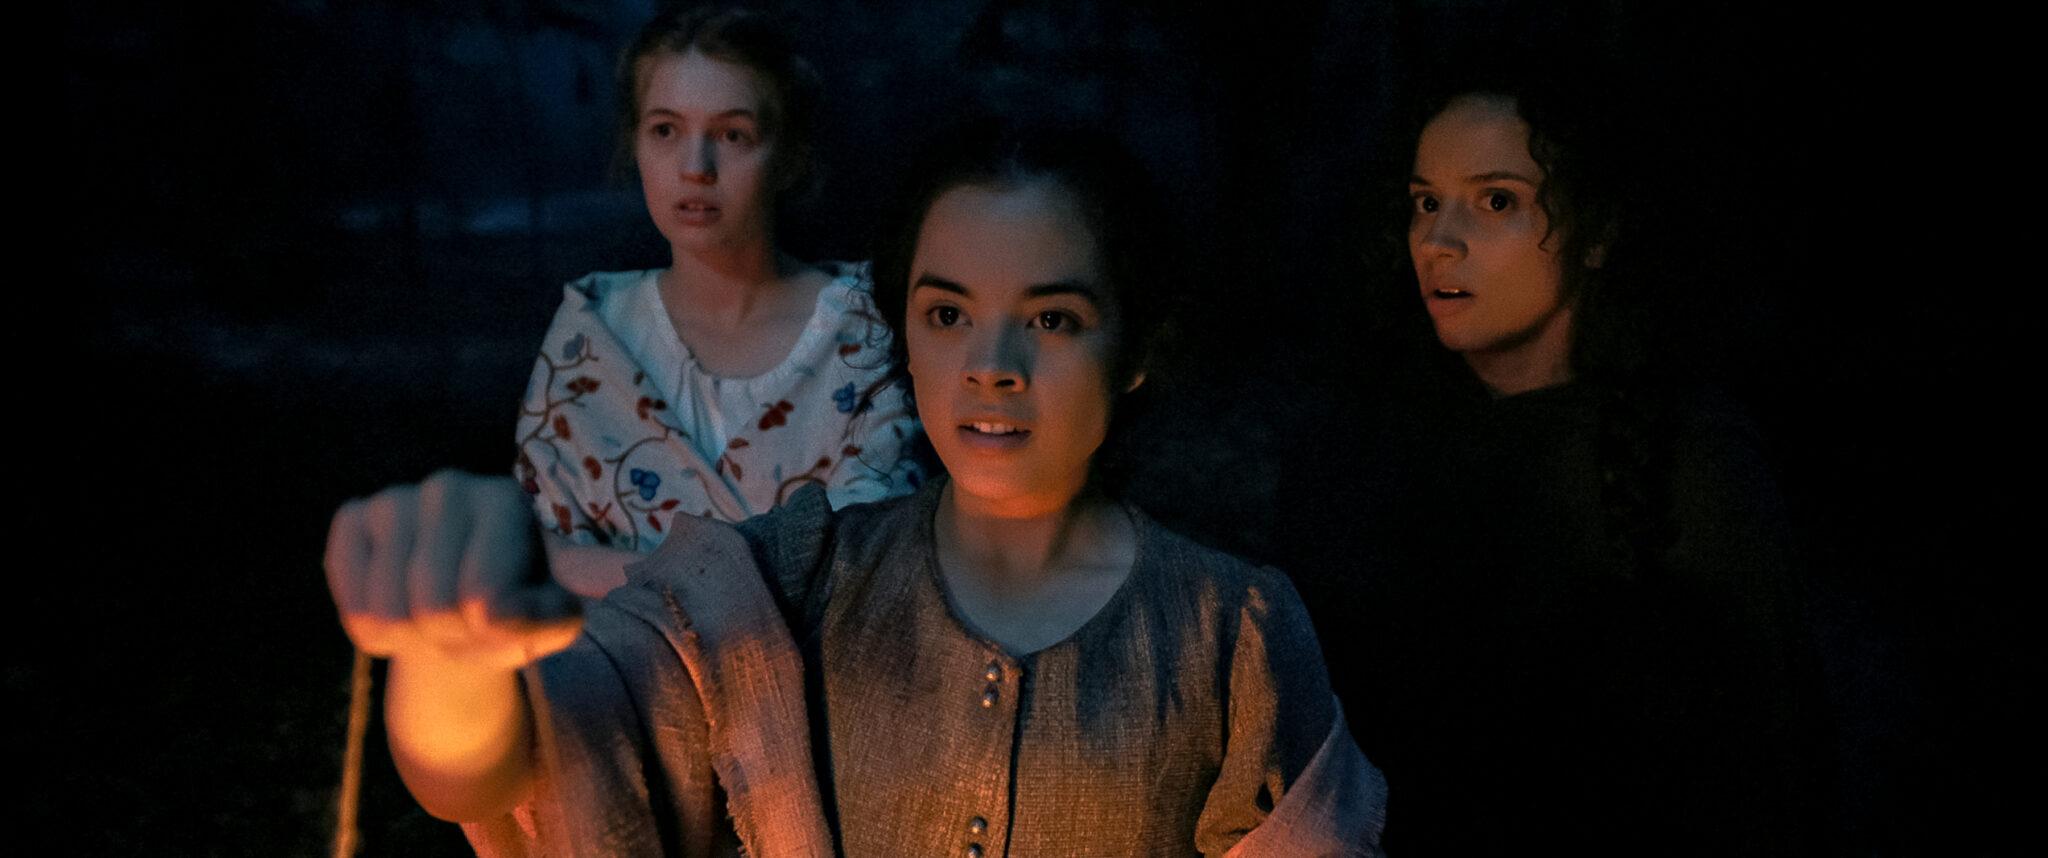 Hannah, Lizzie und Sarah im Dunkeln. Nur eine Laterne erhellt ihre Gesichter.